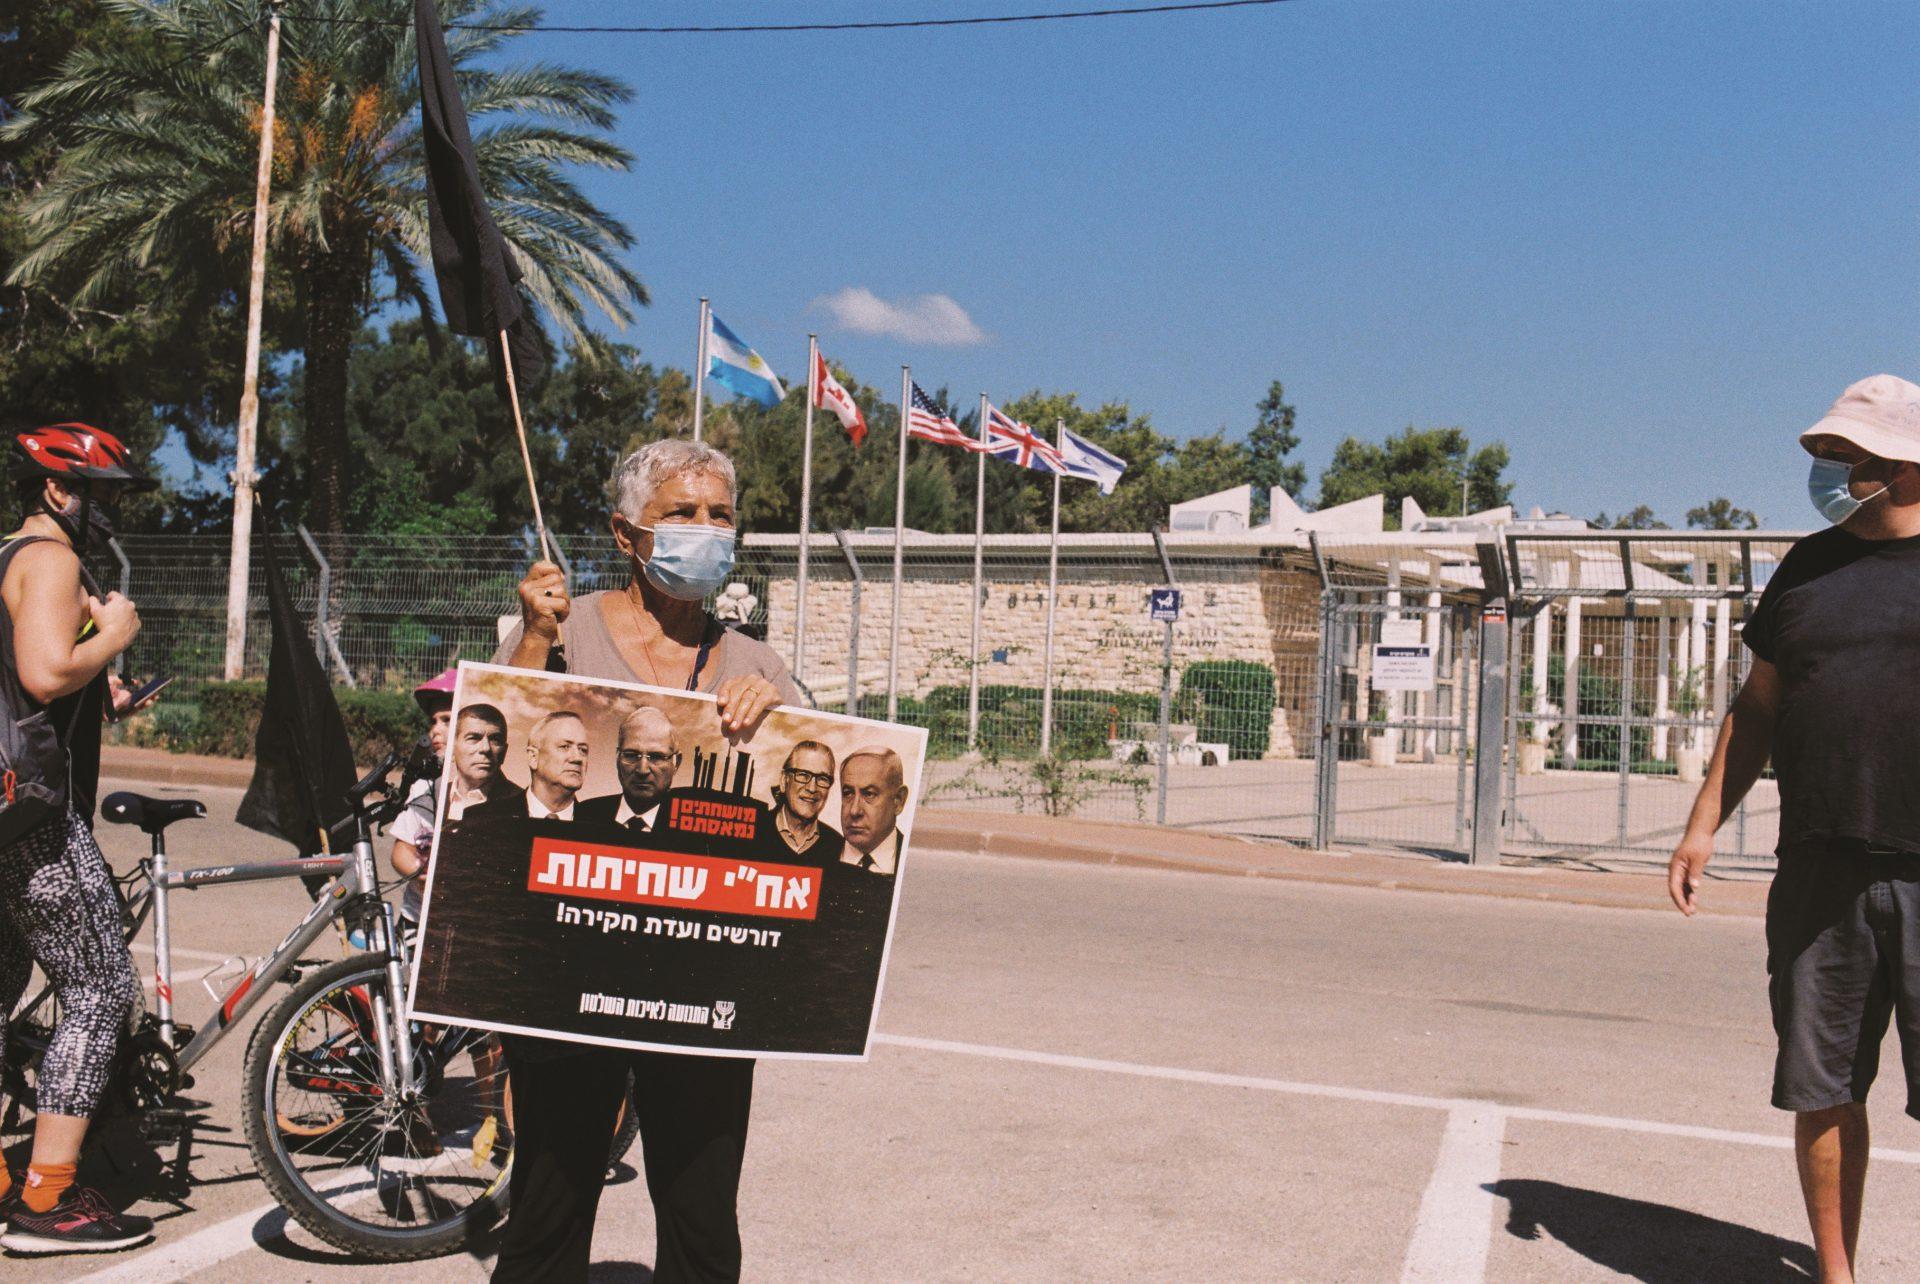 ישראלה רזניר מאביחיל מפגינה קרדיט רמטין